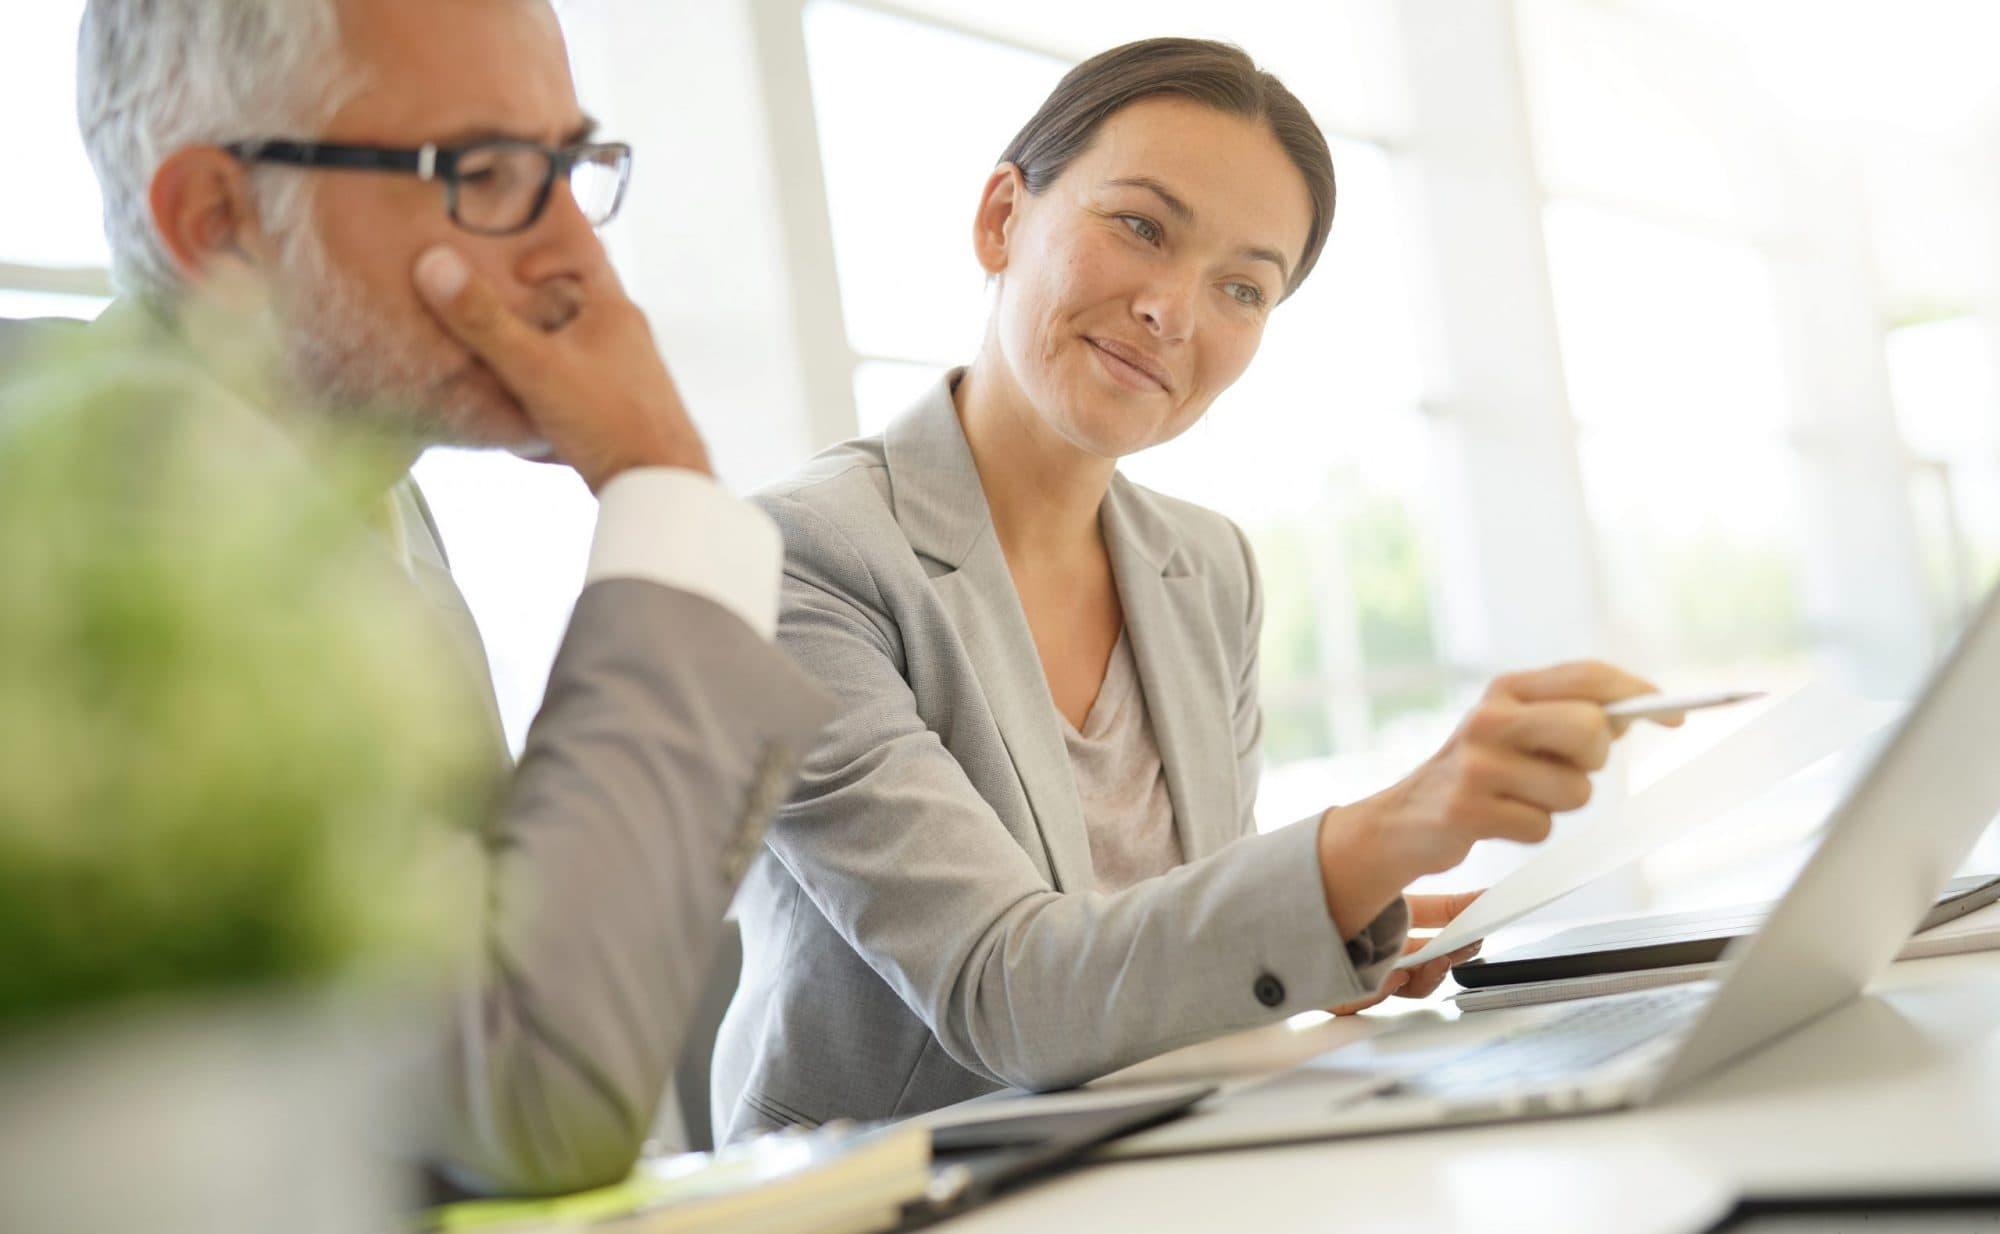 Bilan Retraite: Réalisez votre bilan retraite personnel